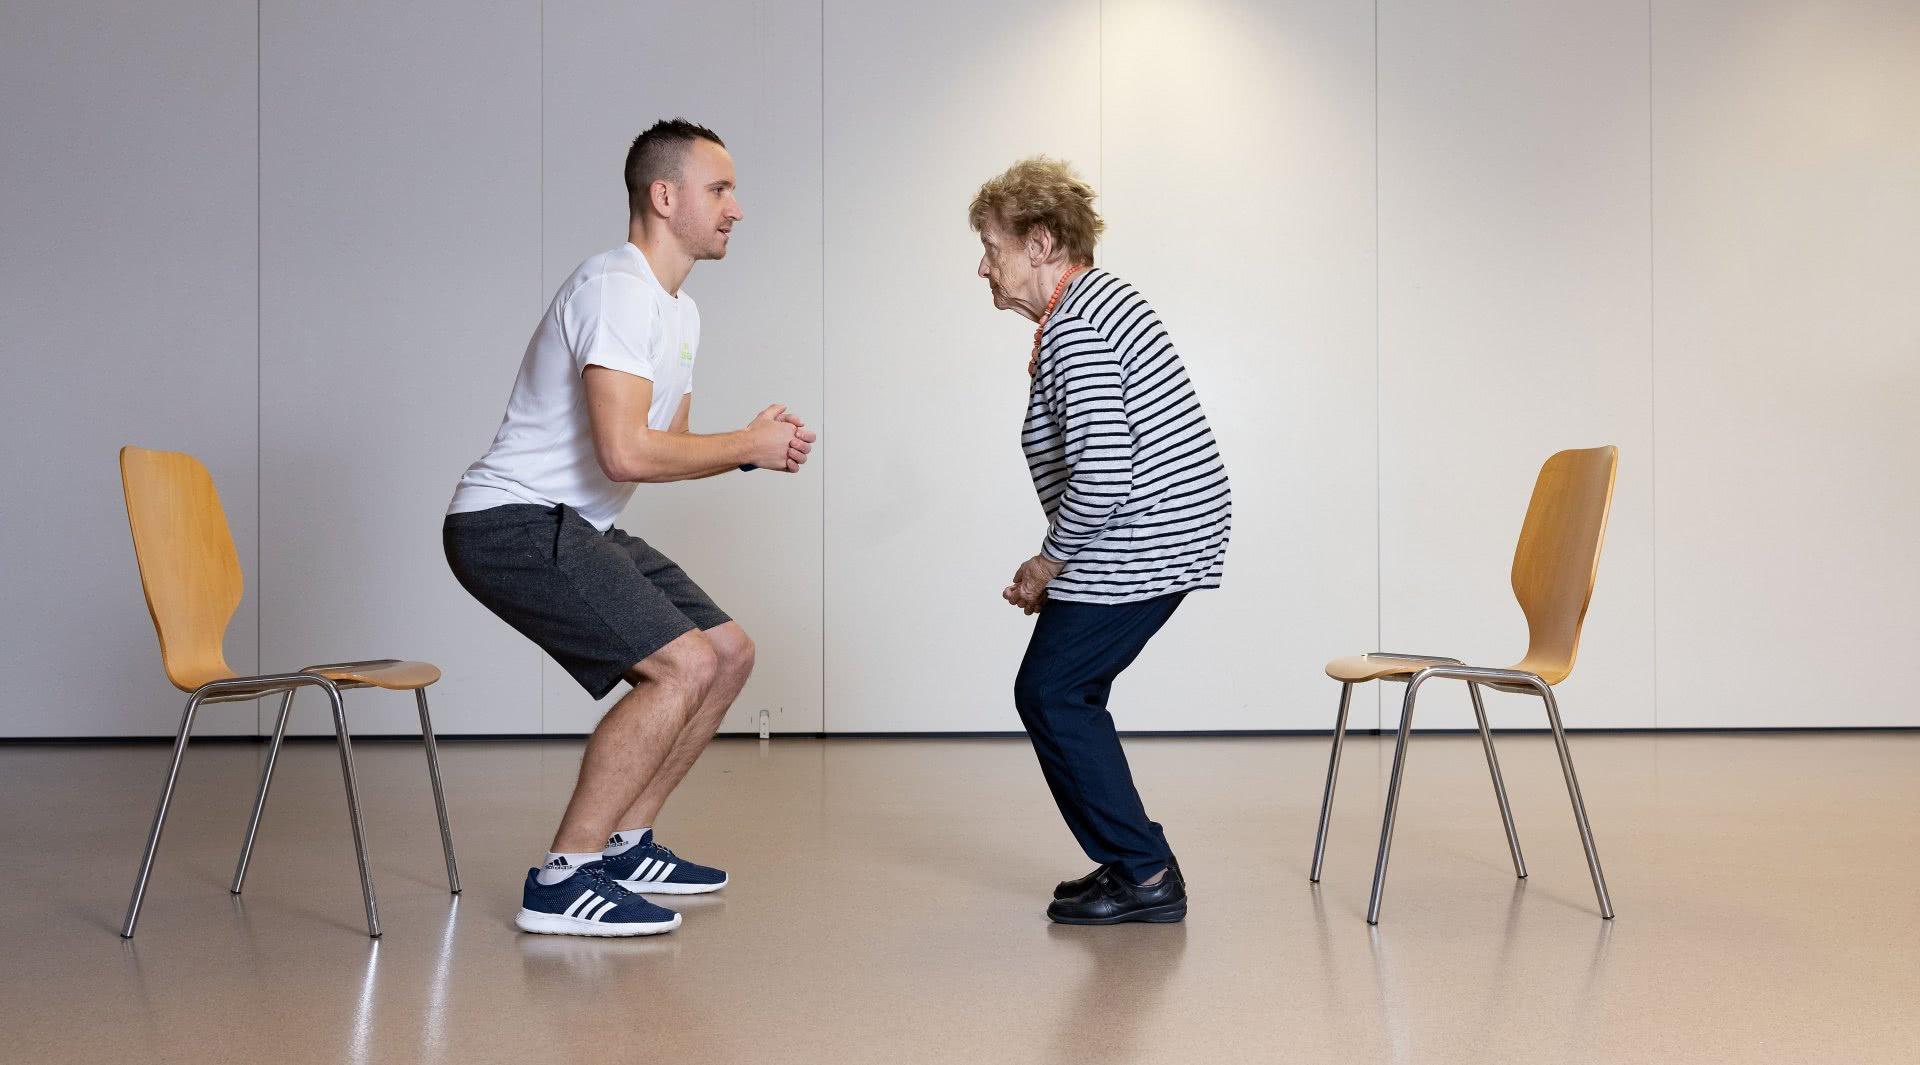 Un monitore e una persona anziana eseguono un esercizio in modo speculare